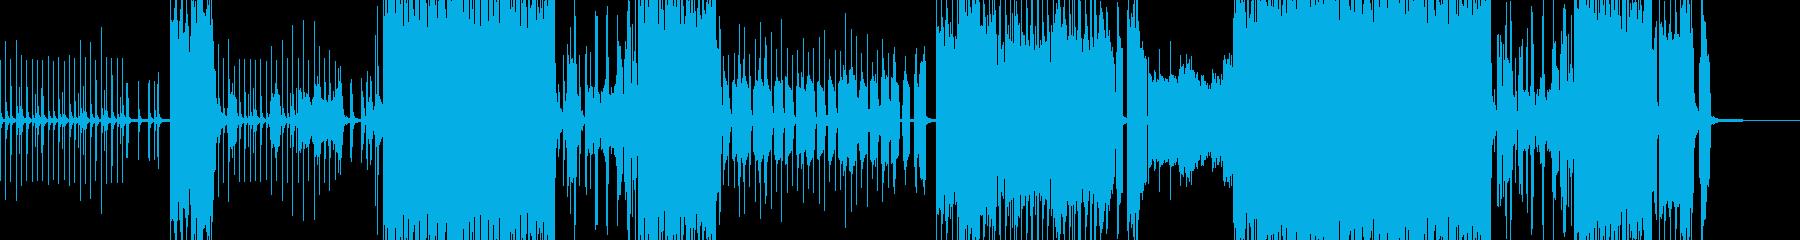 ゆめかわメルヘンなカントリーロック ★の再生済みの波形